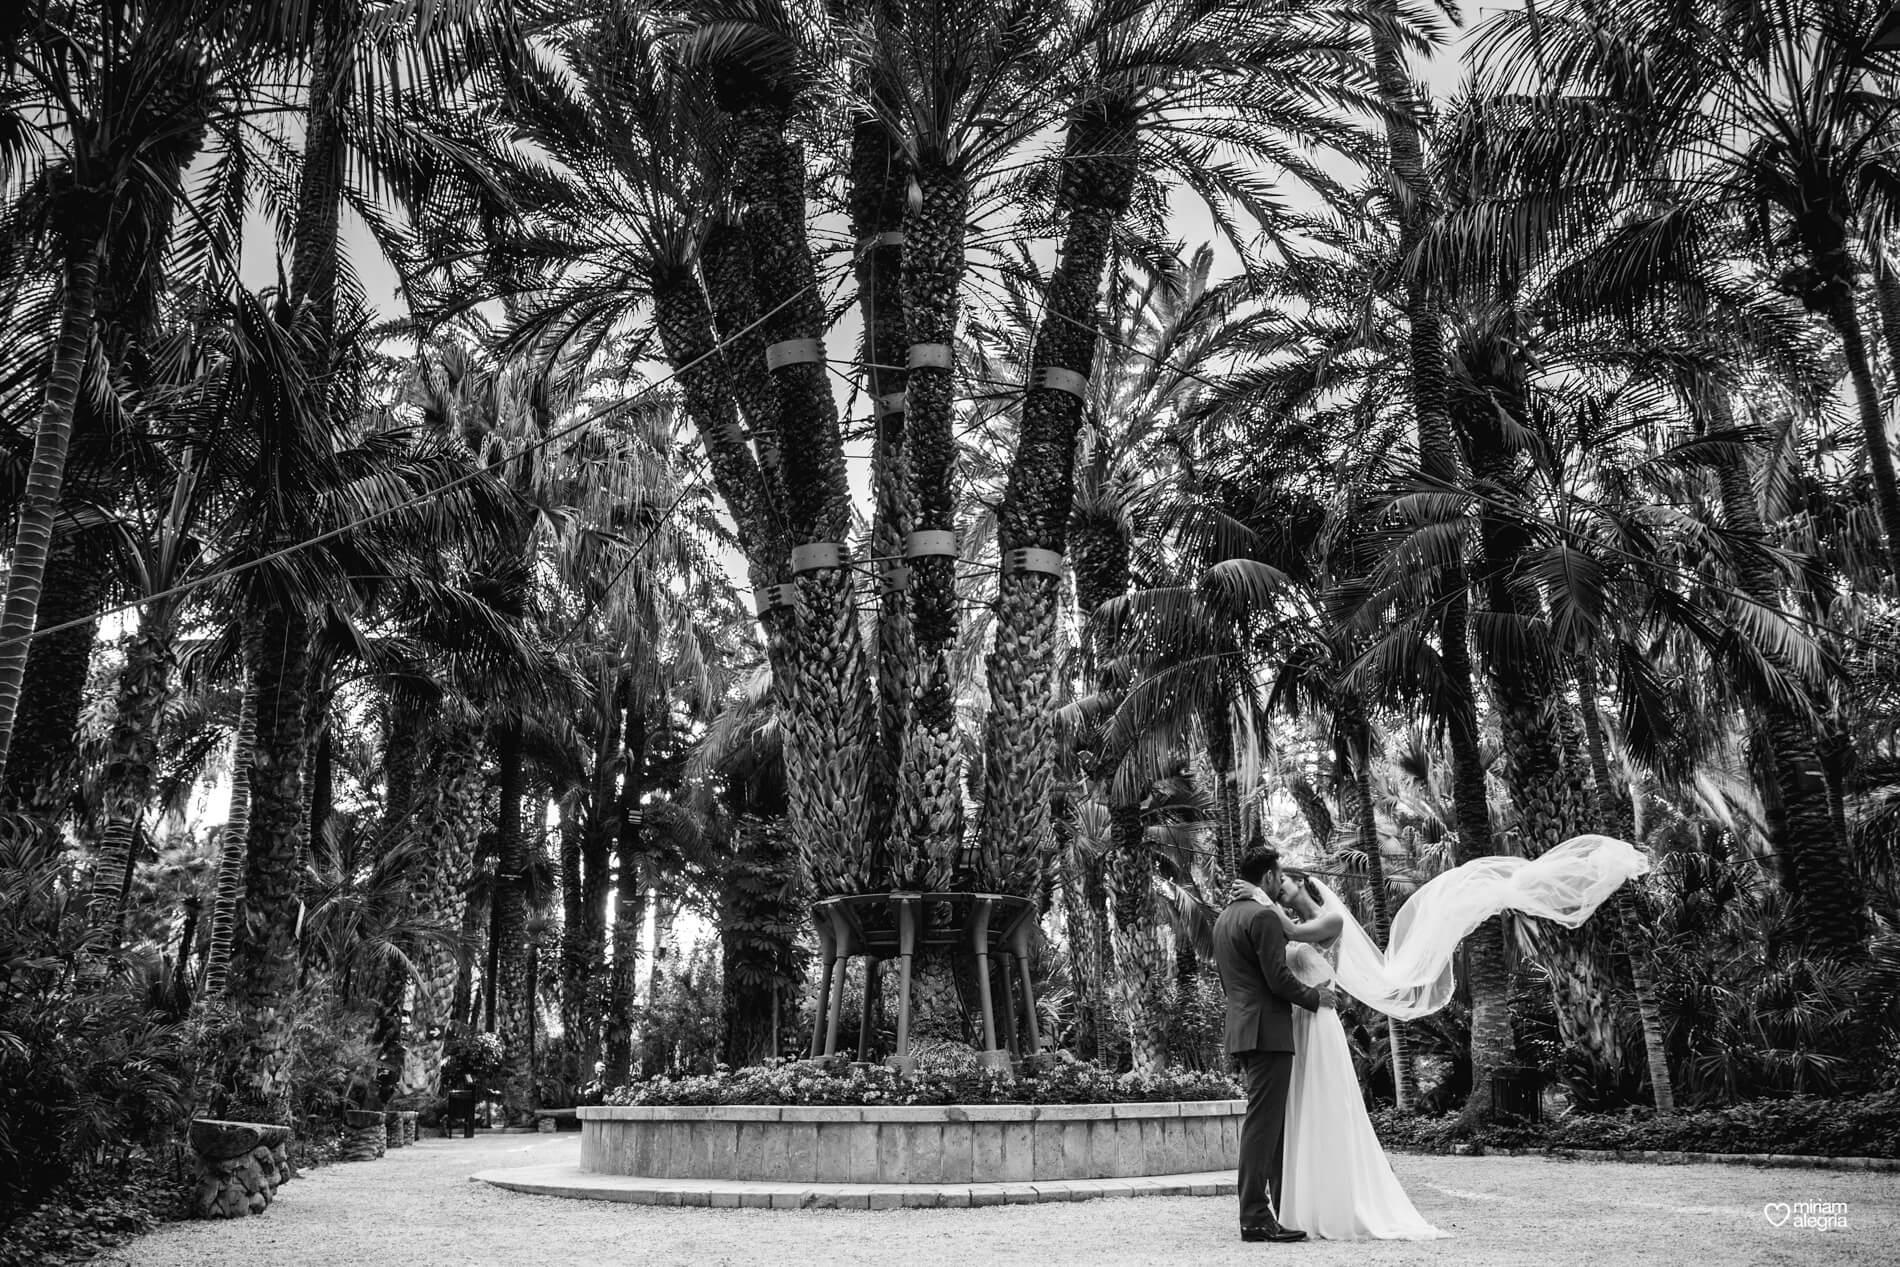 wedding-huerto-del-cura-elche-miriam-alegria-fotografos-boda-27